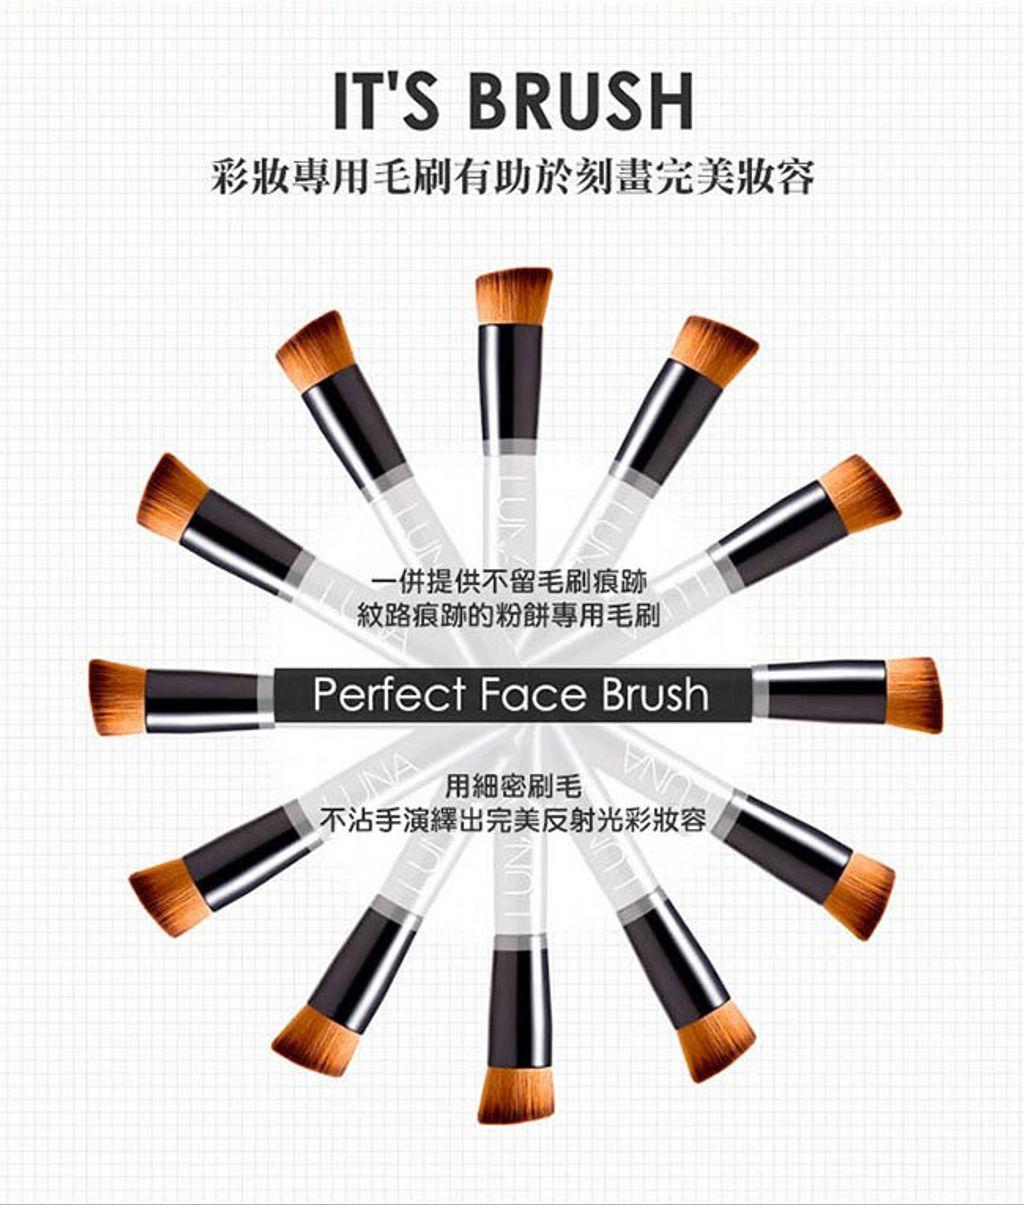 【韓國LUNA】多效亮顏美肌粉底棒+粉刷套裝組合-#21-白皙色-650_11.jpg